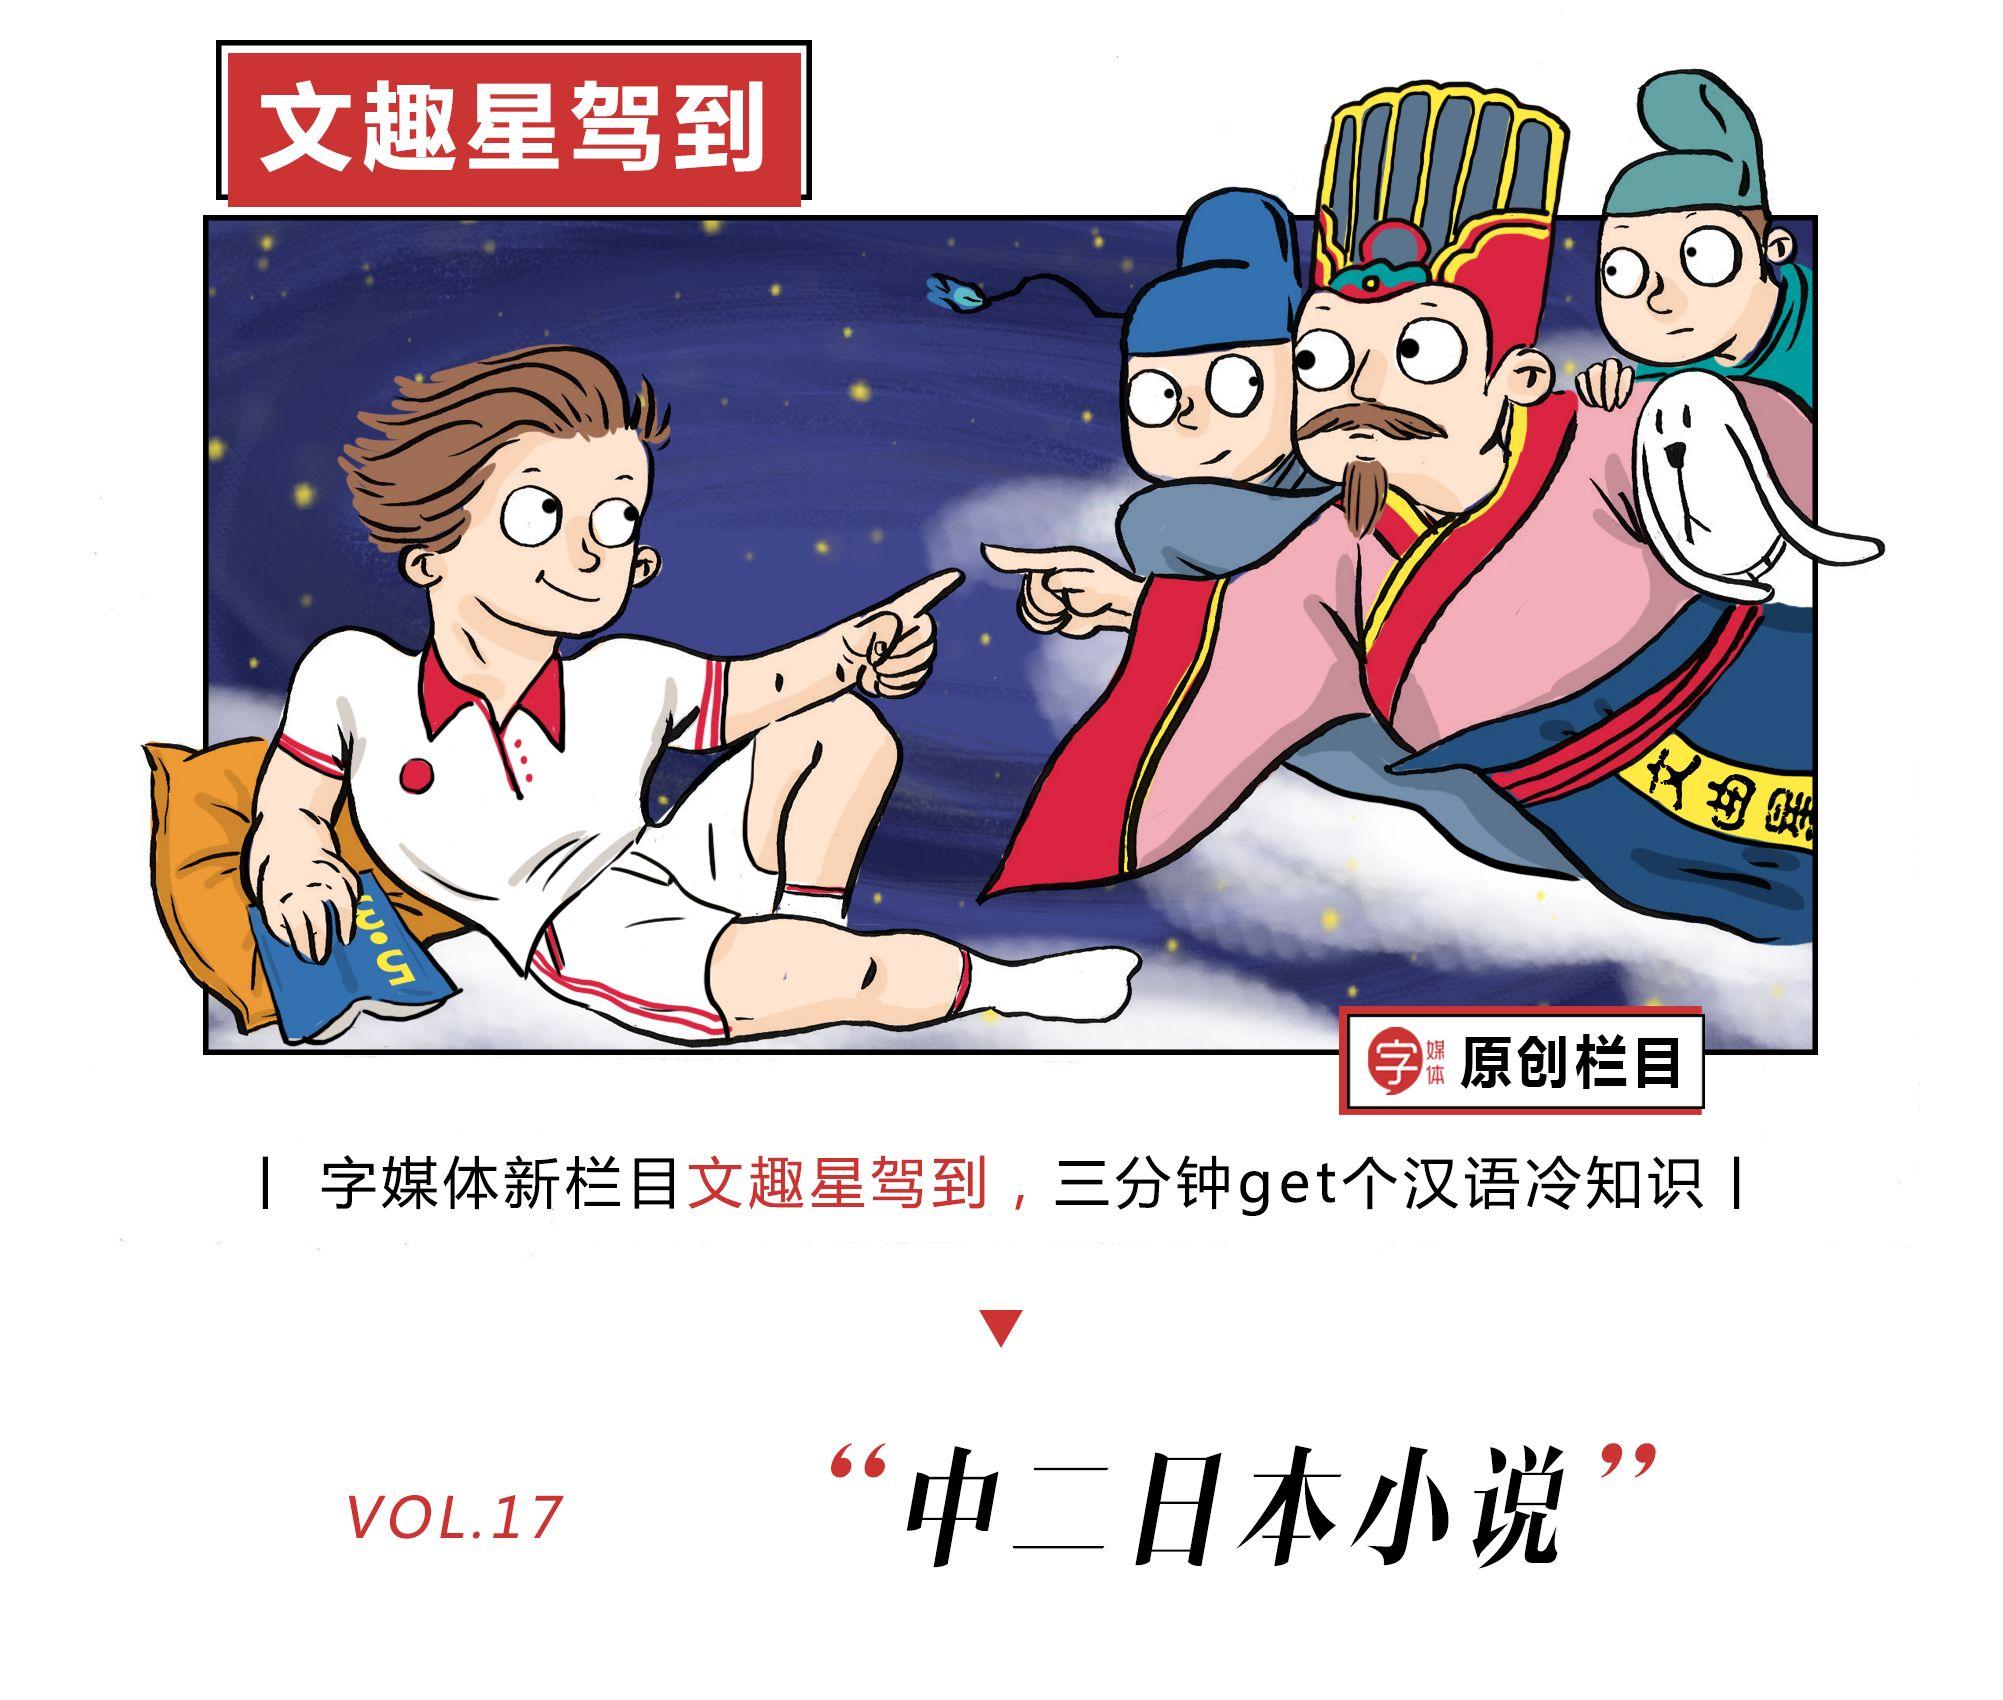 脑洞大开的日本人把中国历史写成这样,不忍直视●大连吧 贴吧度秘荣耀首发合作